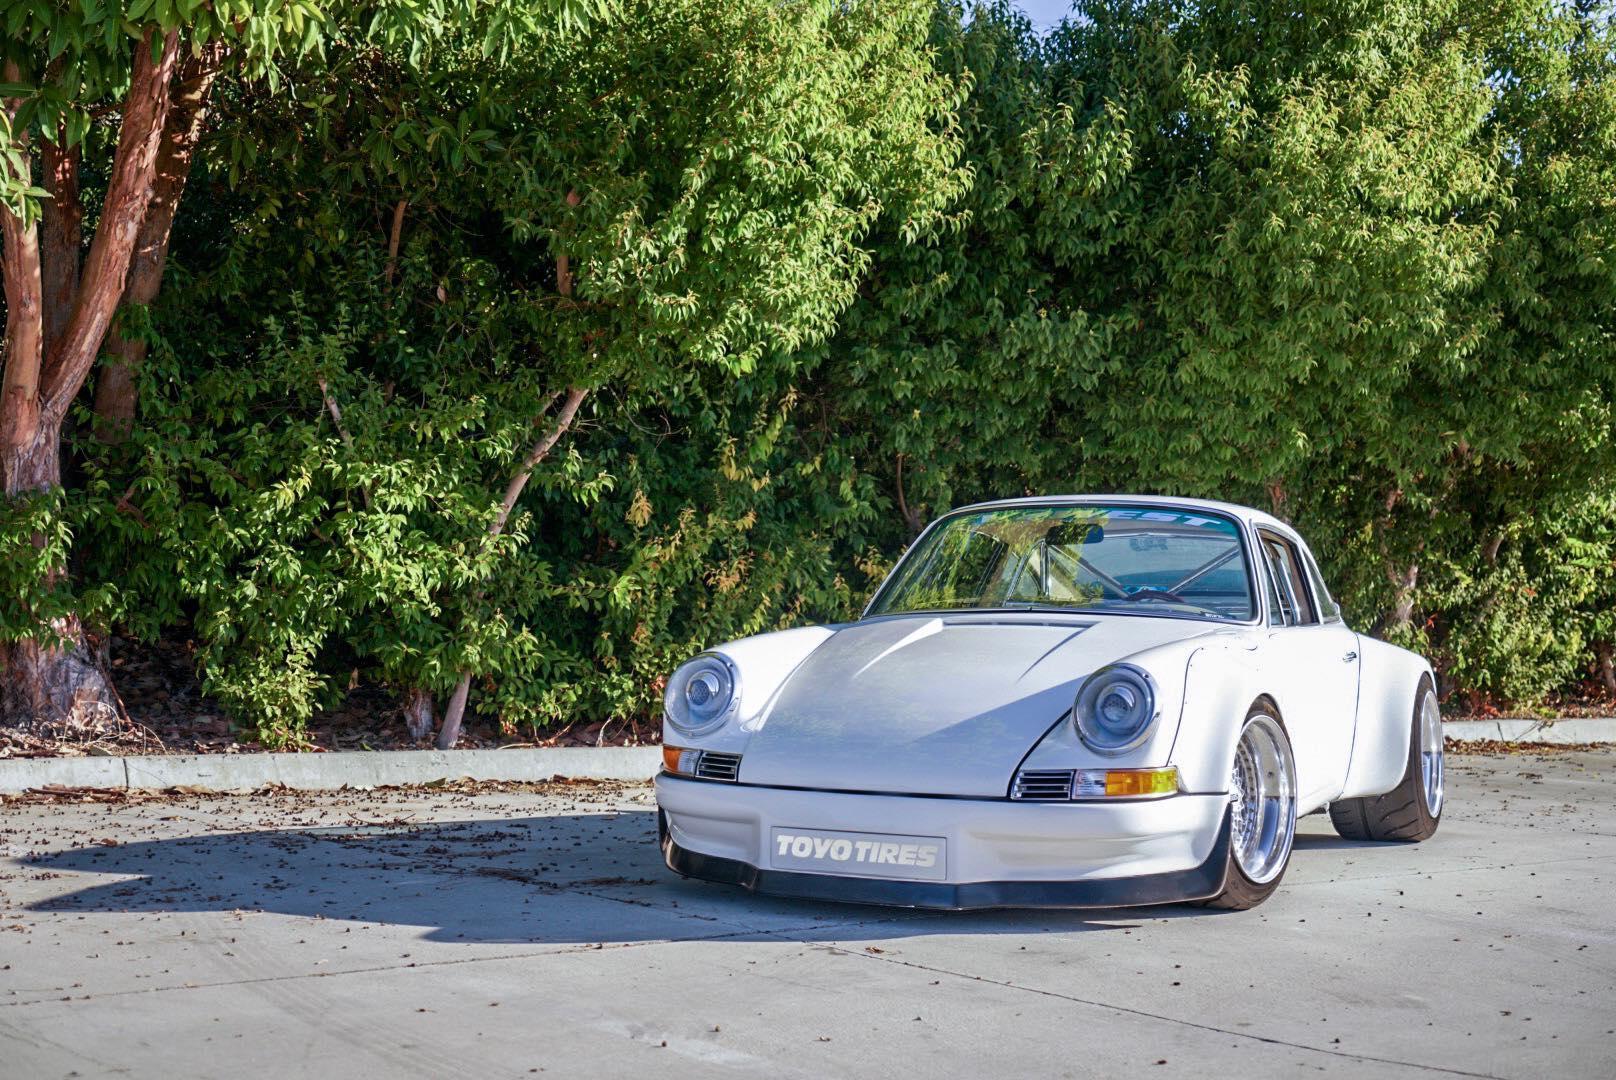 Cream Porsche 911